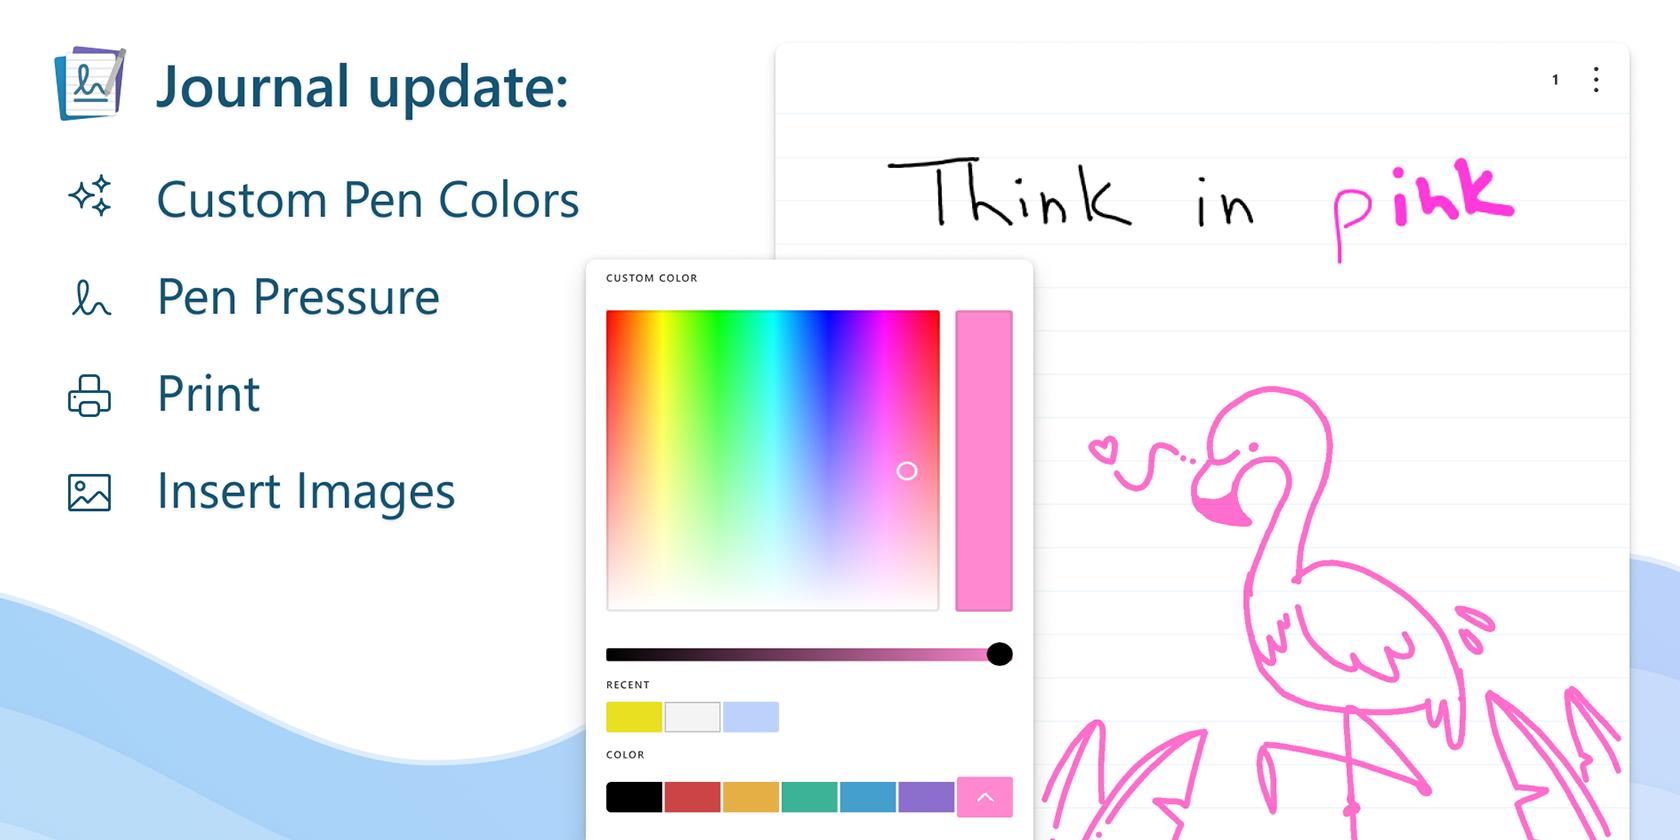 برنامه Microsoft Journal ویژگی های جدیدی از جمله رنگ قلم سفارشی را اضافه می کند